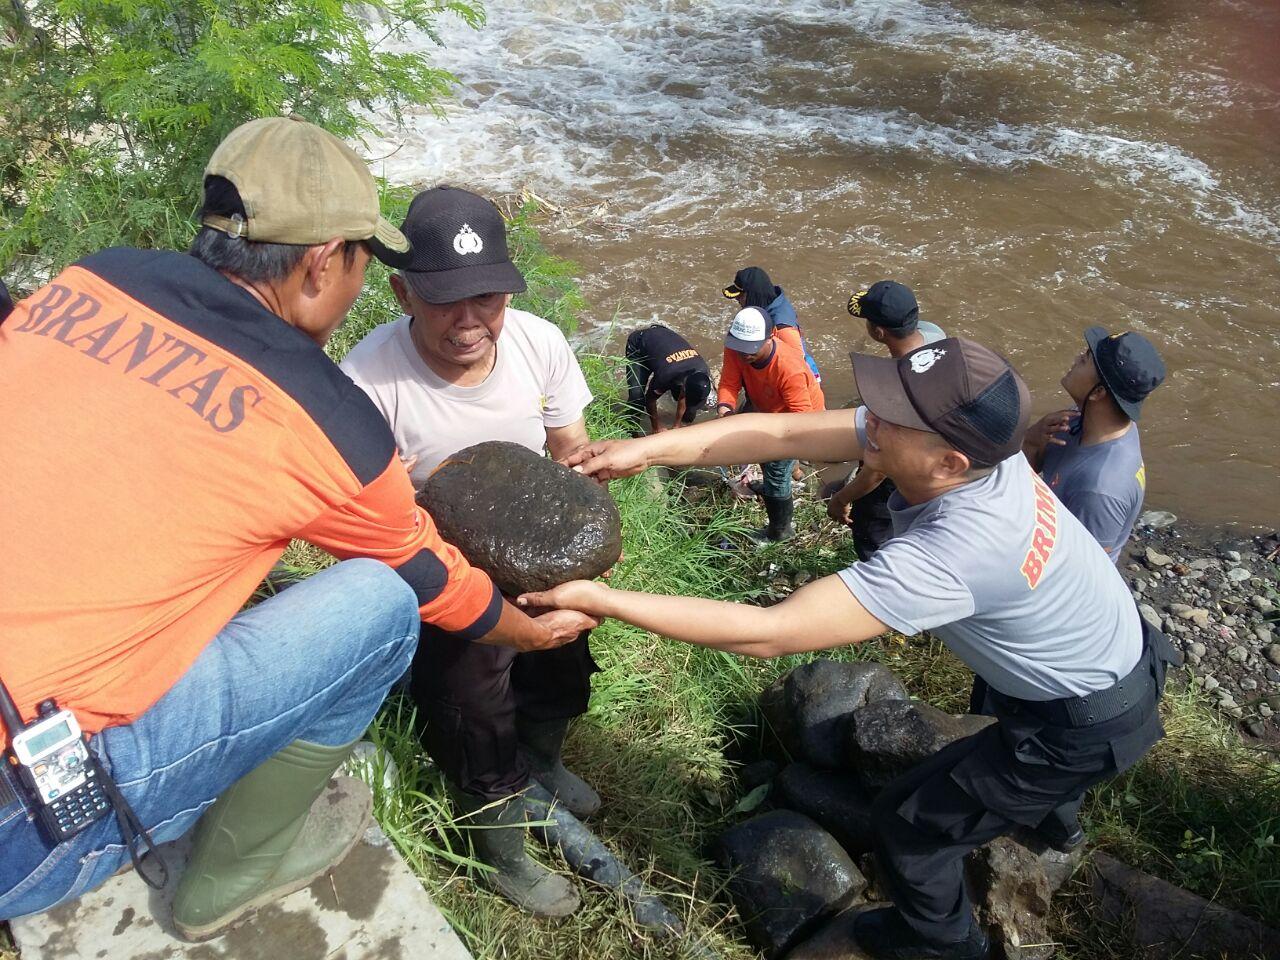 Polres Batu – Sektor Junrejo Anggota Polsek Junrejo Polres Batu Melaksanakan Karya Bhakti membantu warga terkena bencana alam